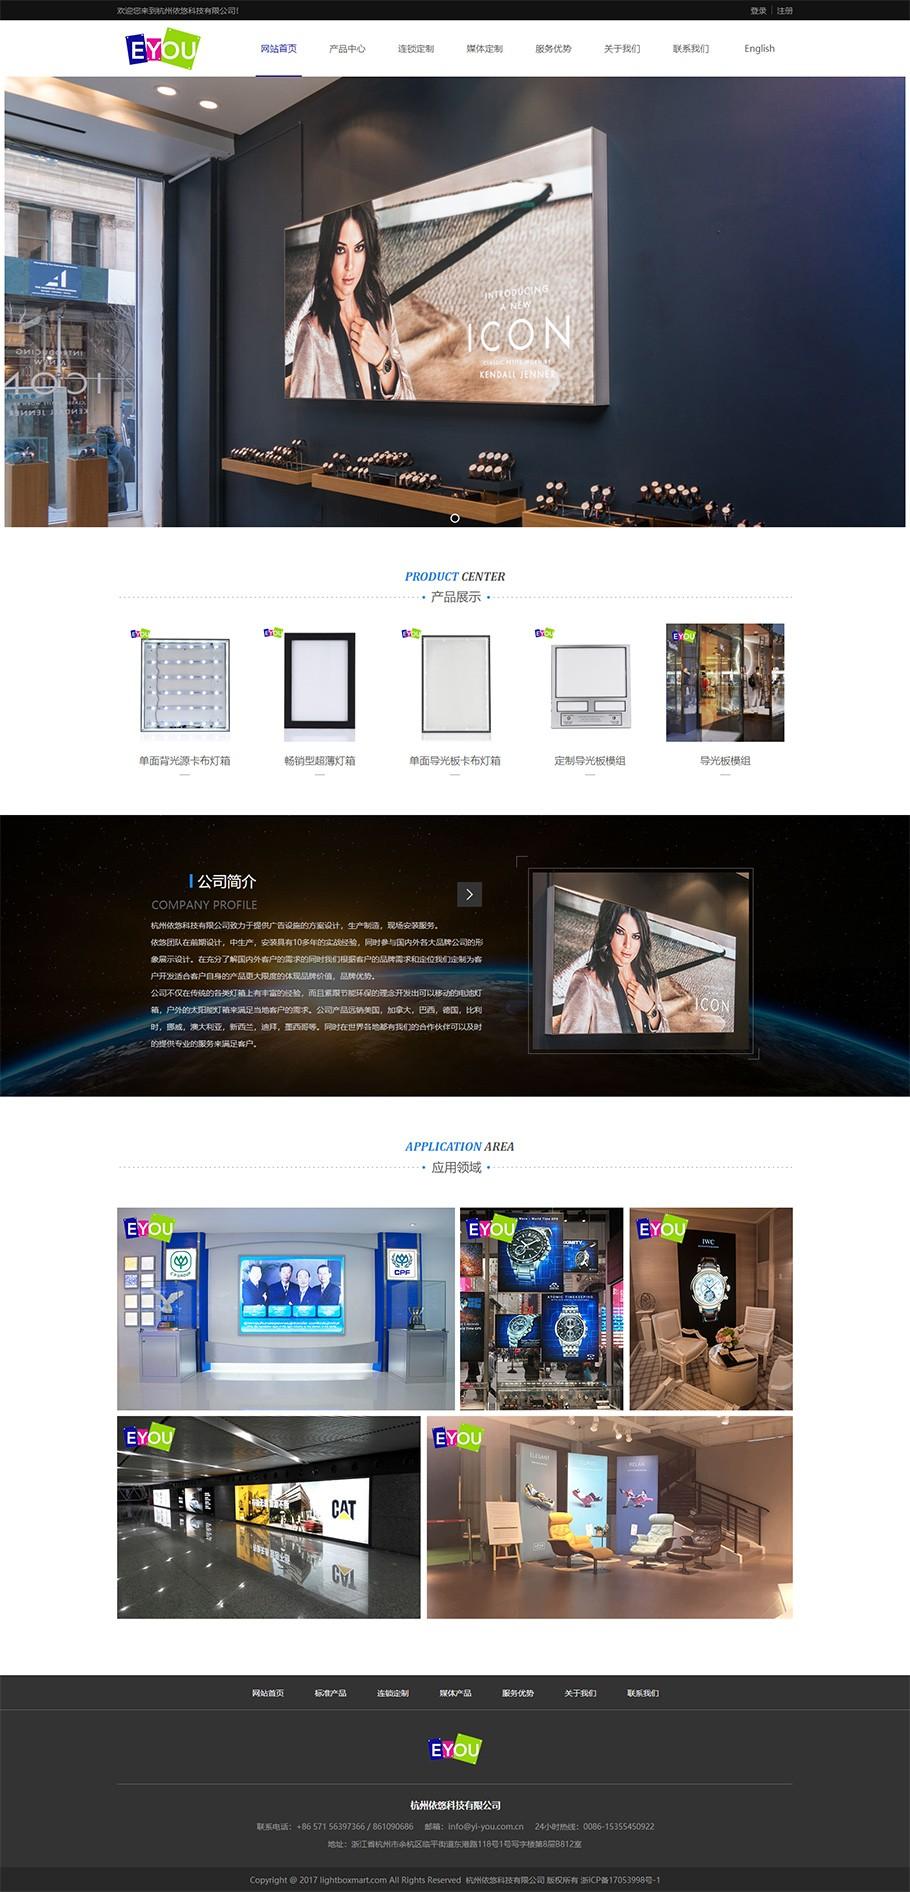 網站首頁-杭州依悠科技有限公司.jpg